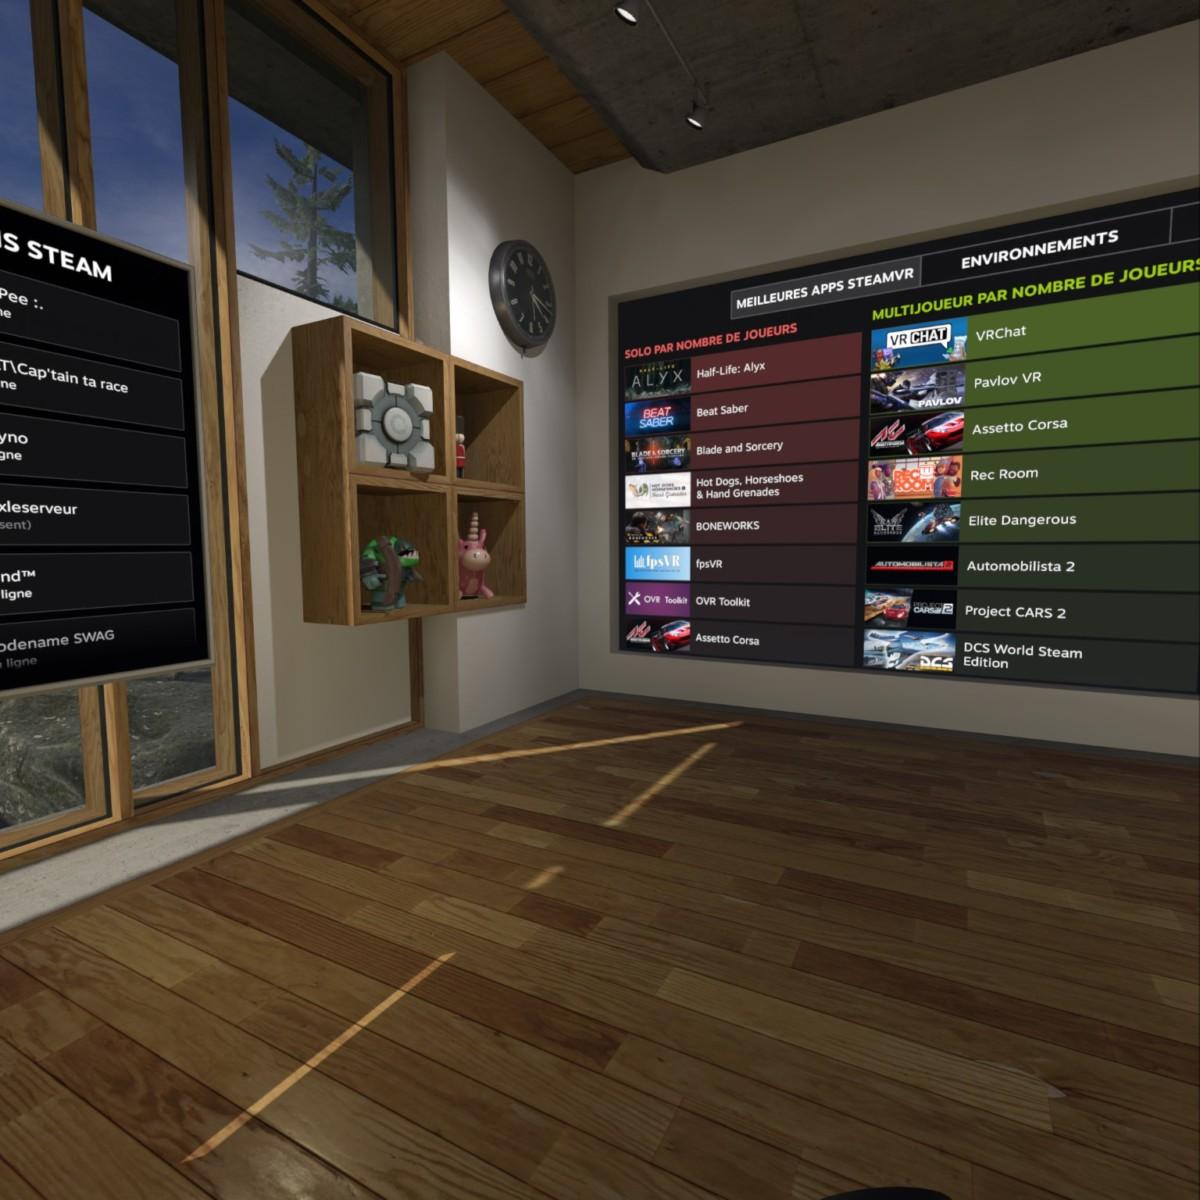 L'interface de SteamVR